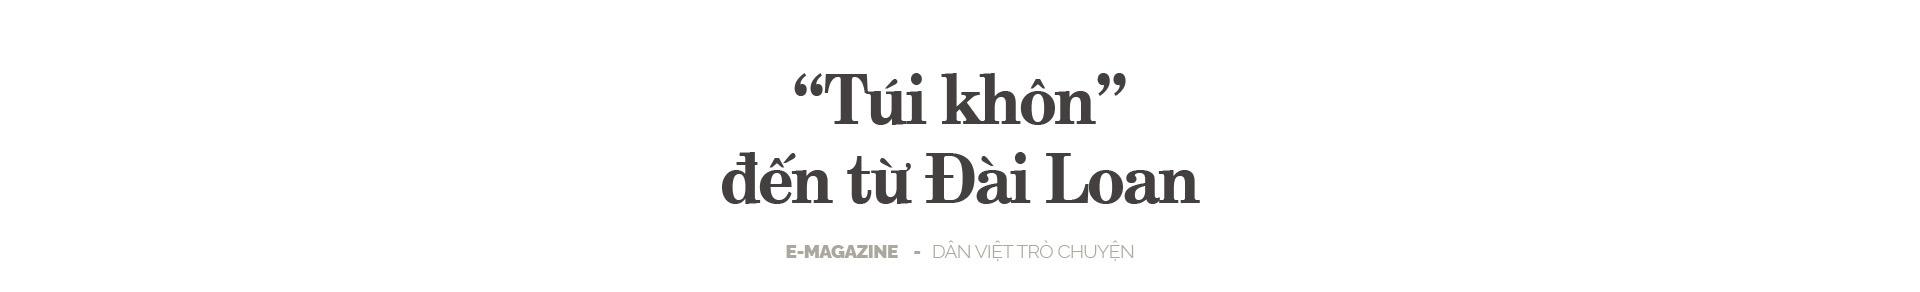 """""""Vua"""" mít  Nguyễn Lâm Viên – người được """"tẩy não"""" để làm nông nghiệp vì sự sống - Ảnh 1."""